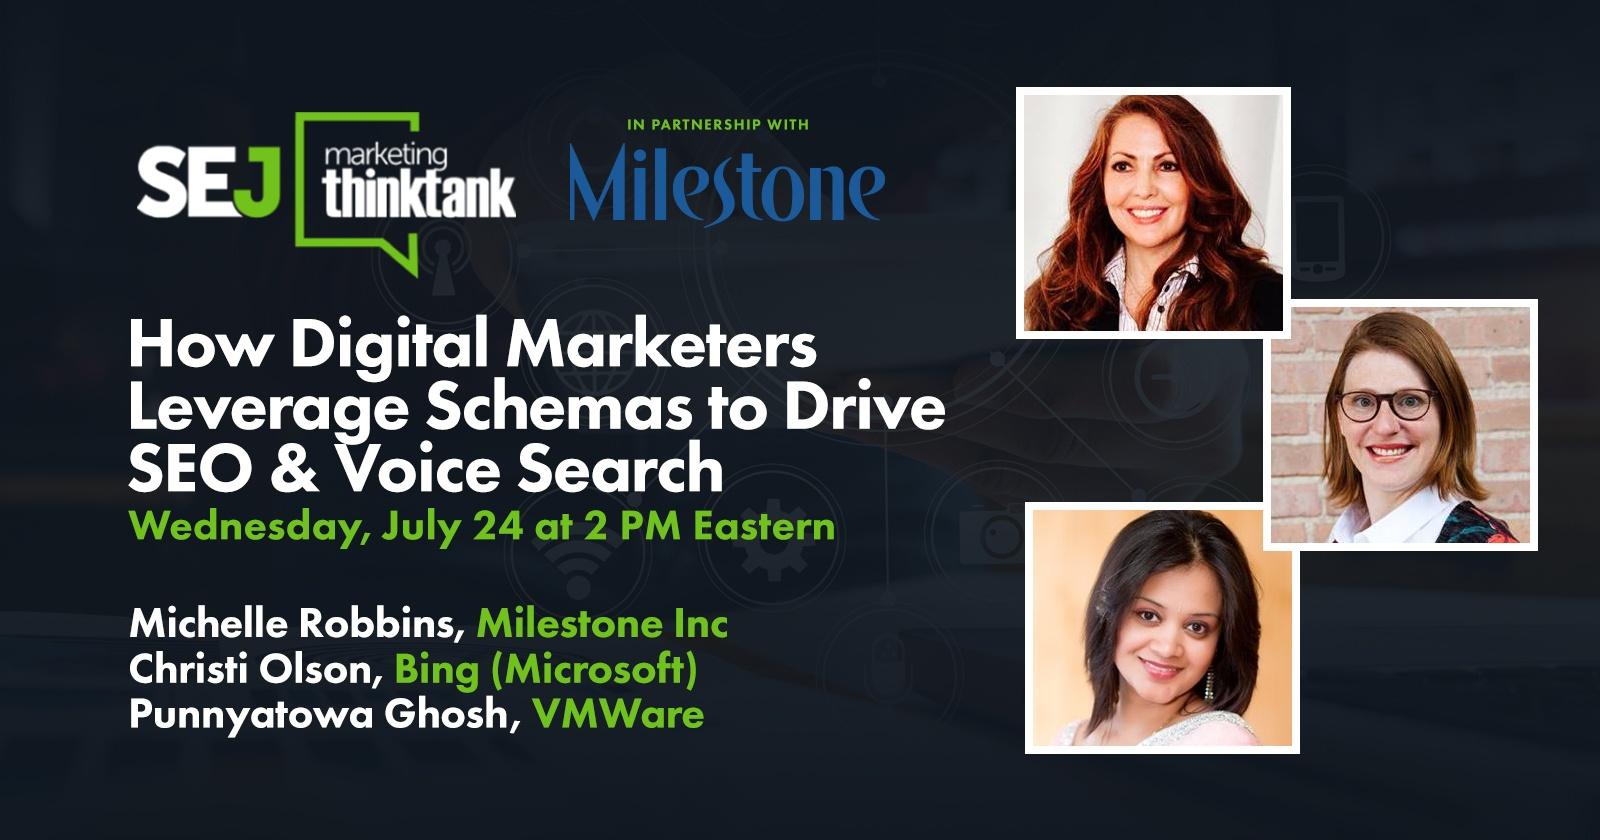 Comment les spécialistes du marketing numérique exploitent les schémas pour stimuler le référencement et la recherche vocale [WEBINAR]